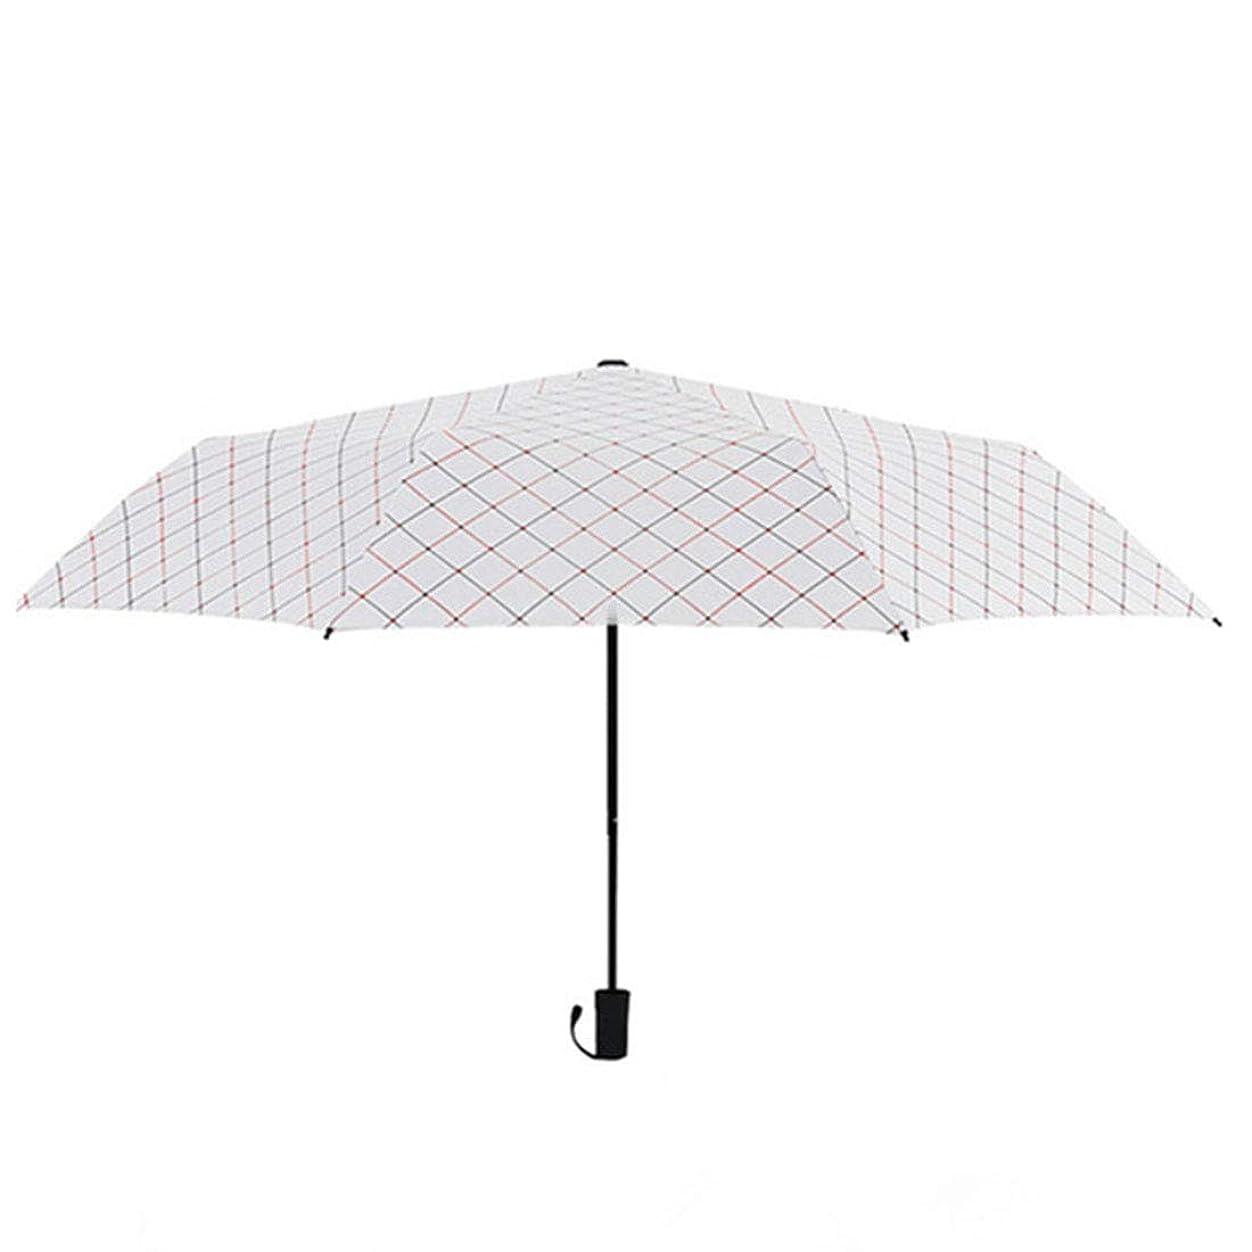 ドレス滞在ドナーJtydj 小さな新鮮な格子縞のビニール太陽の傘三つ折りのUV傘 (色 : ホワイト)